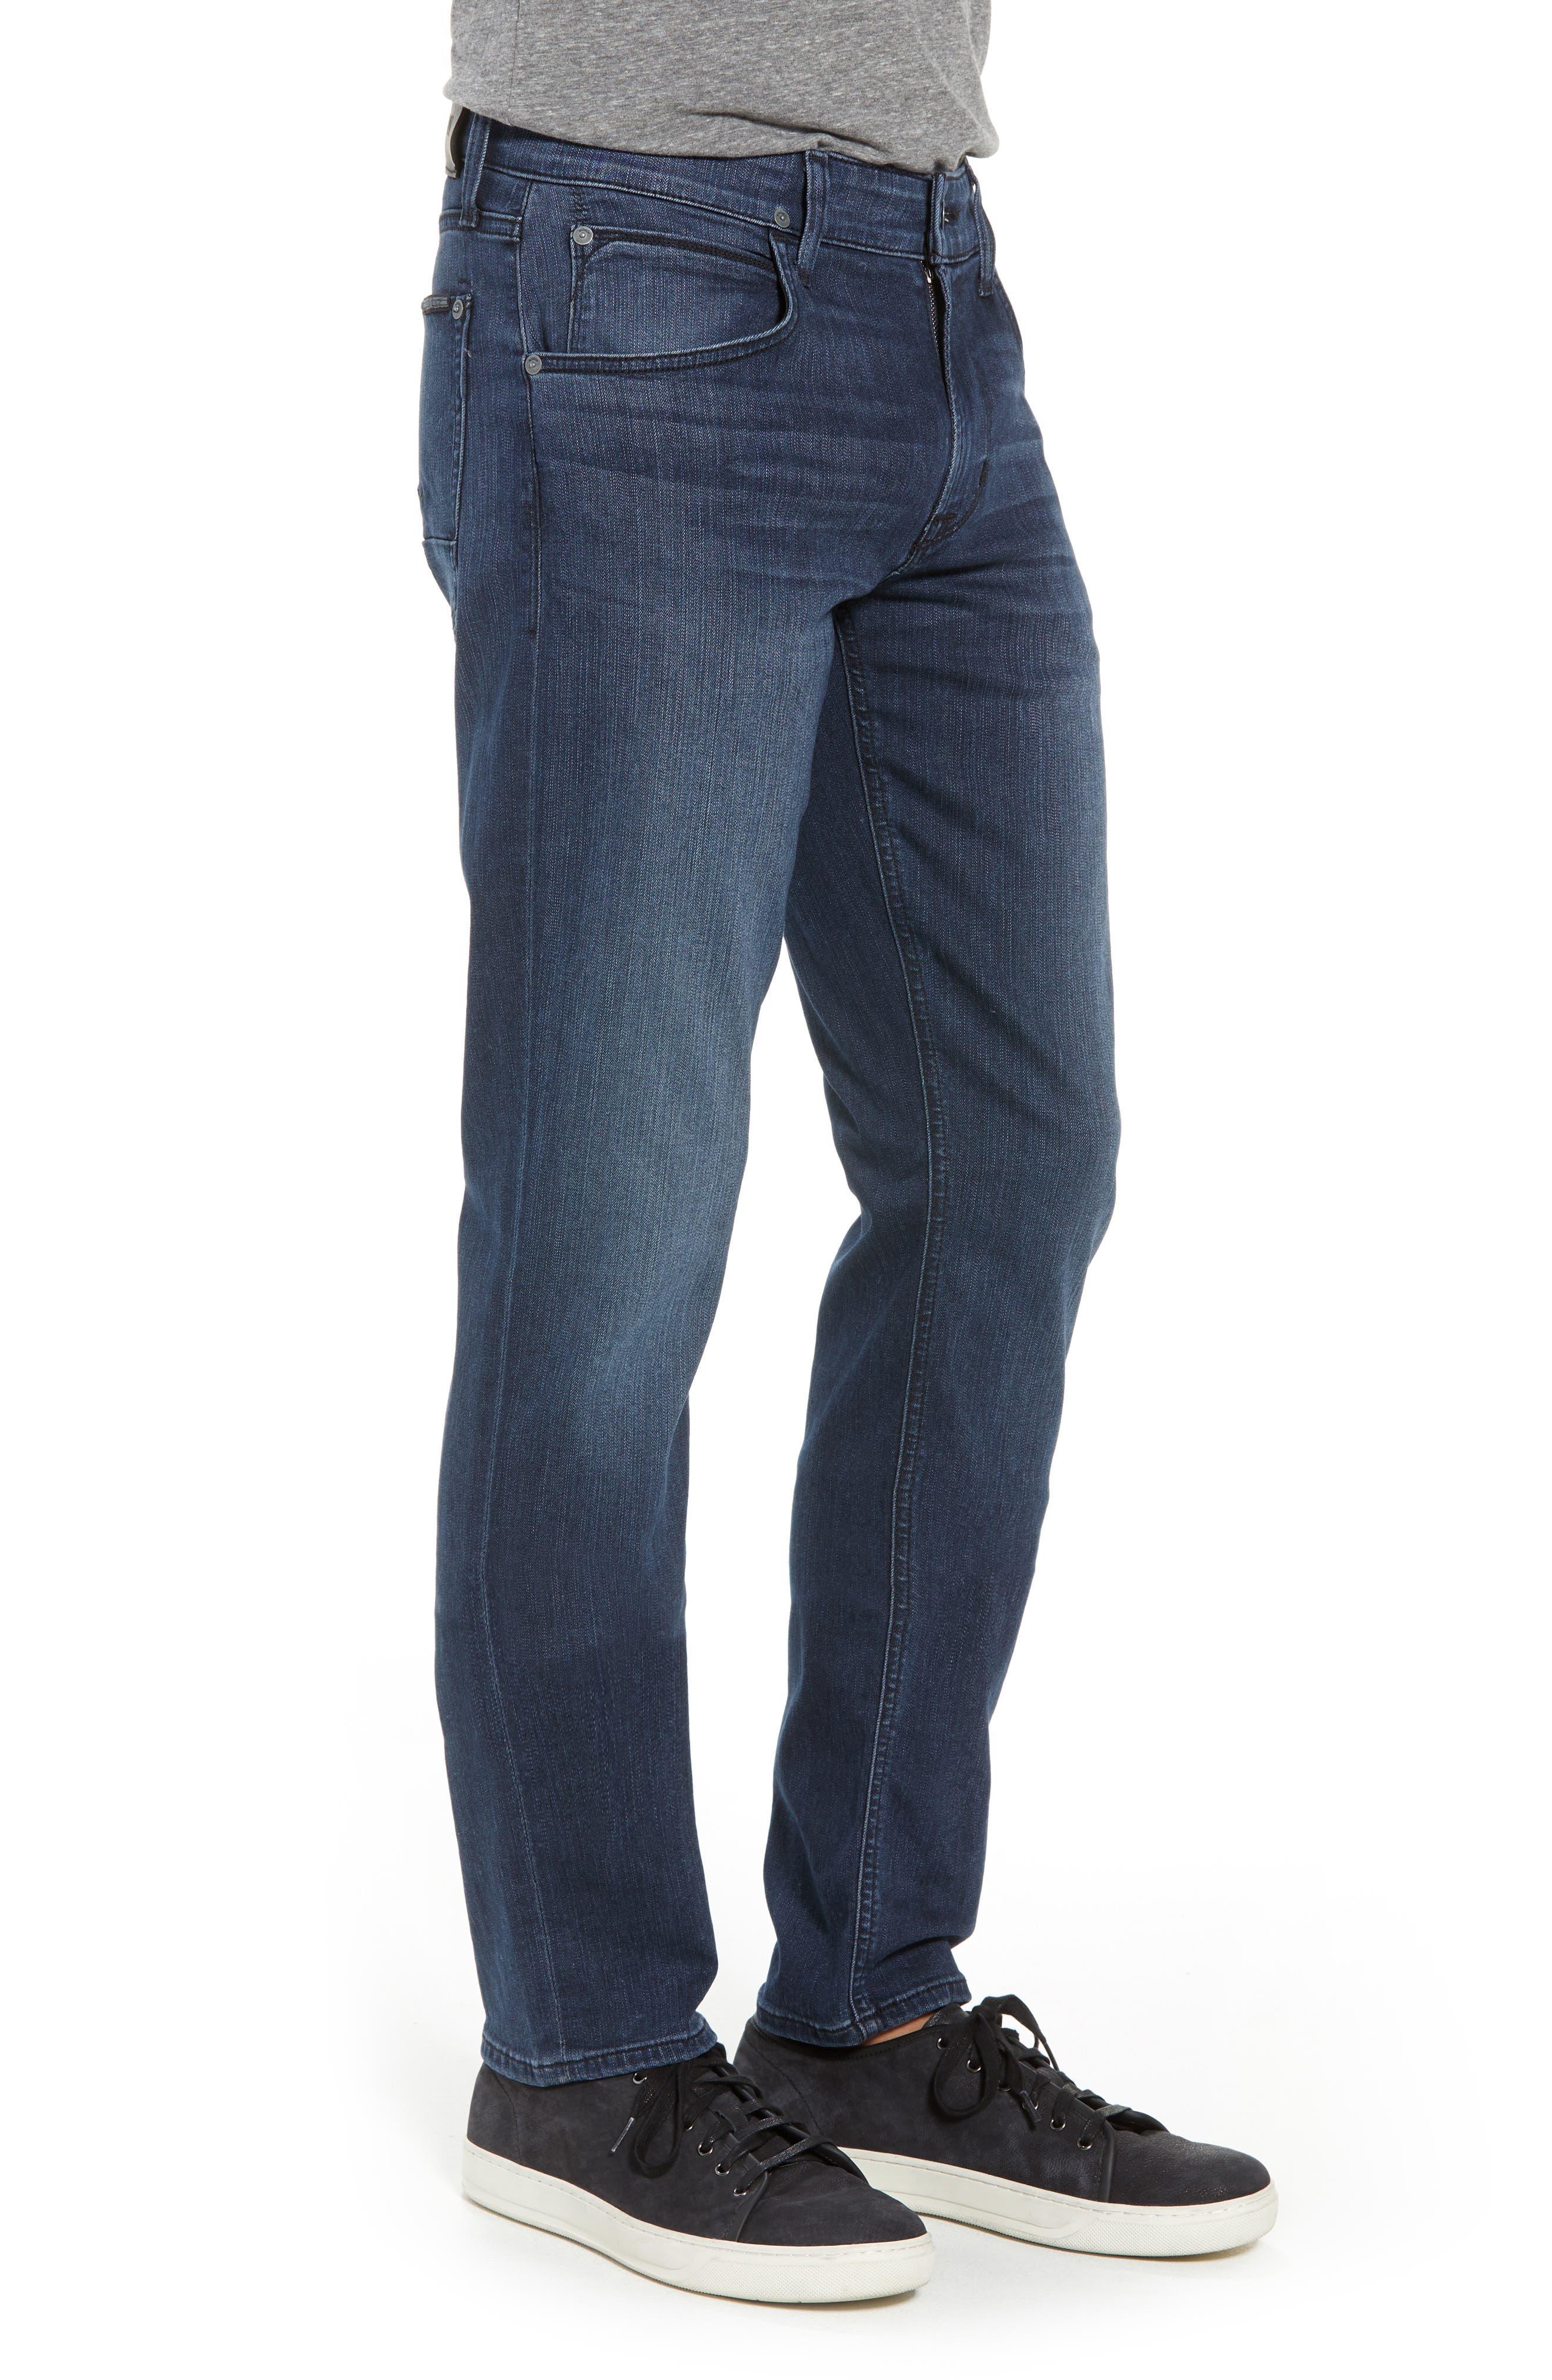 Blake Slim Fit Jeans,                             Alternate thumbnail 3, color,                             Loma